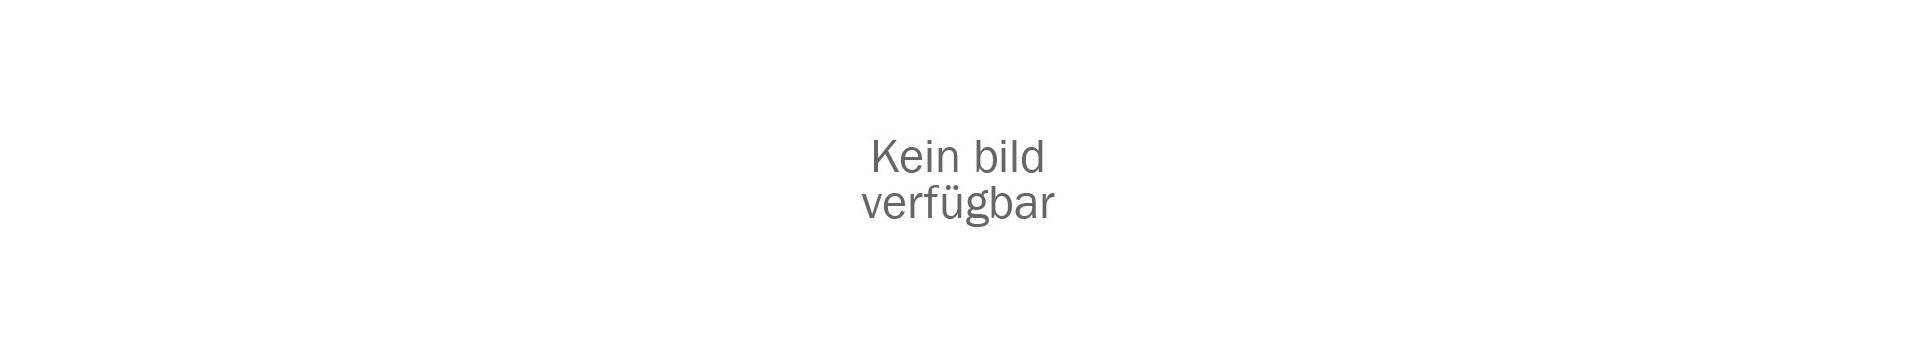 Limited Edition / Vinyl Sonderpressungen